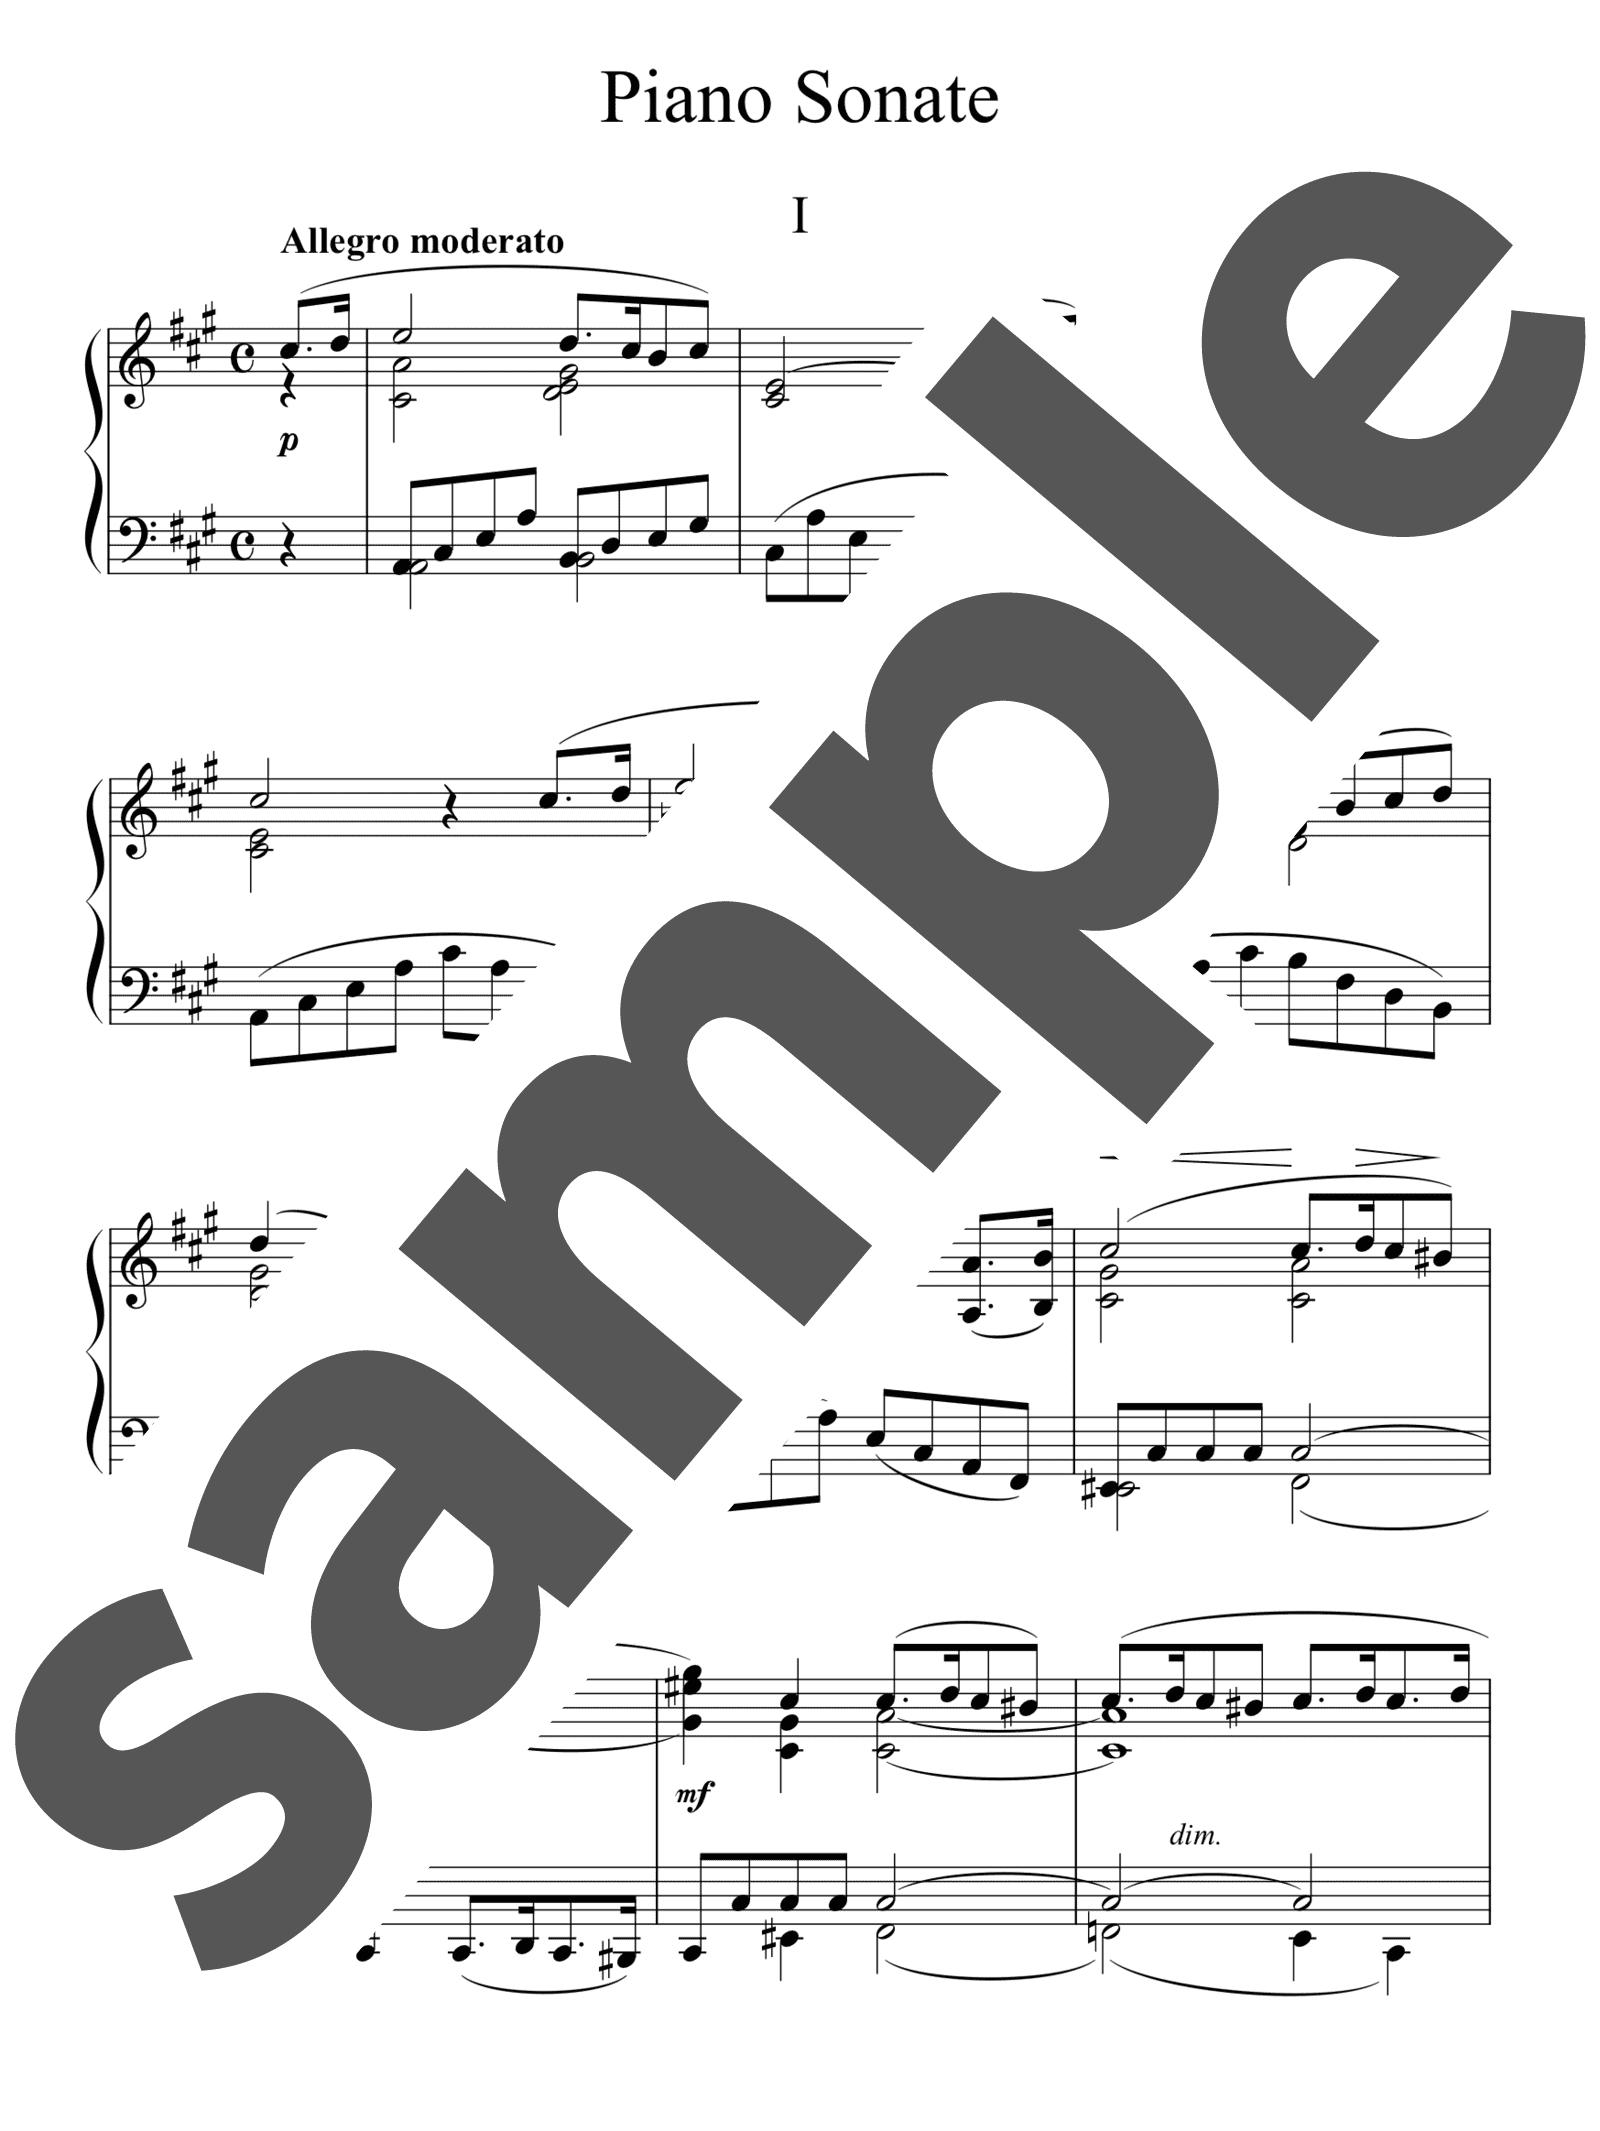 「ピアノ・ソナタ 第13番 イ長調 第1楽章」のサンプル楽譜